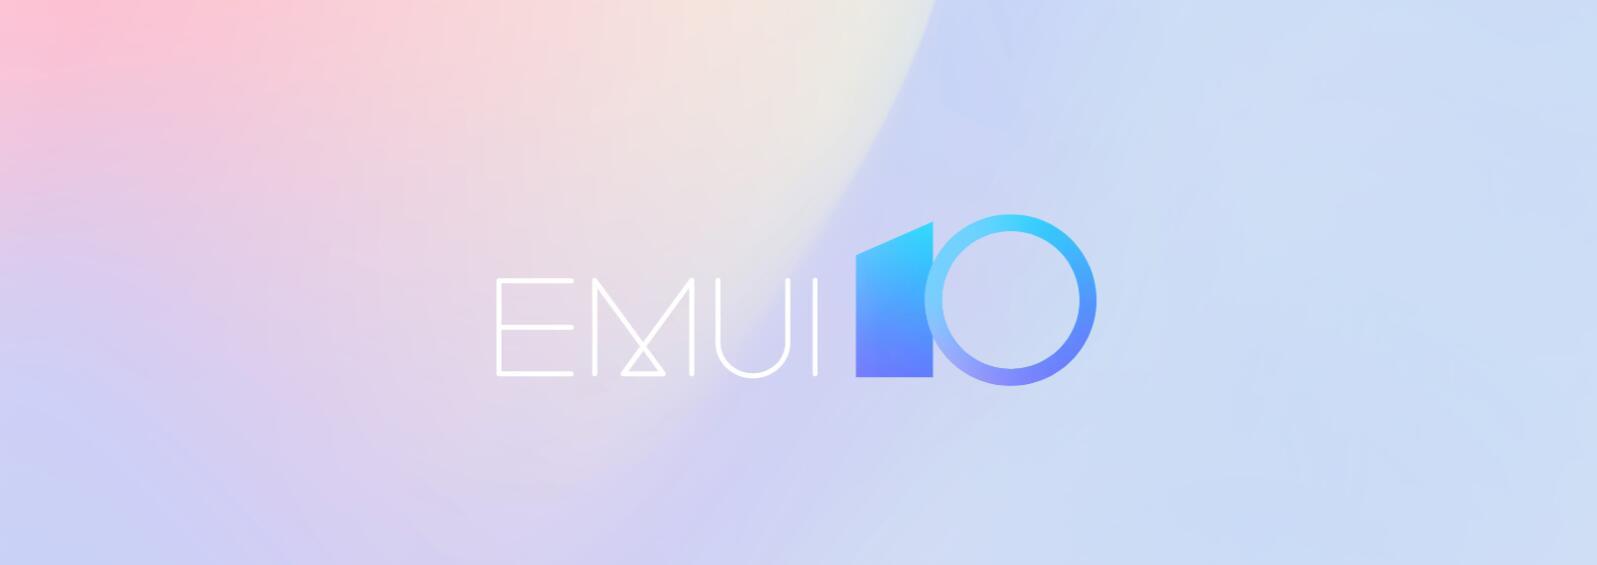 EMUI 10.jpg